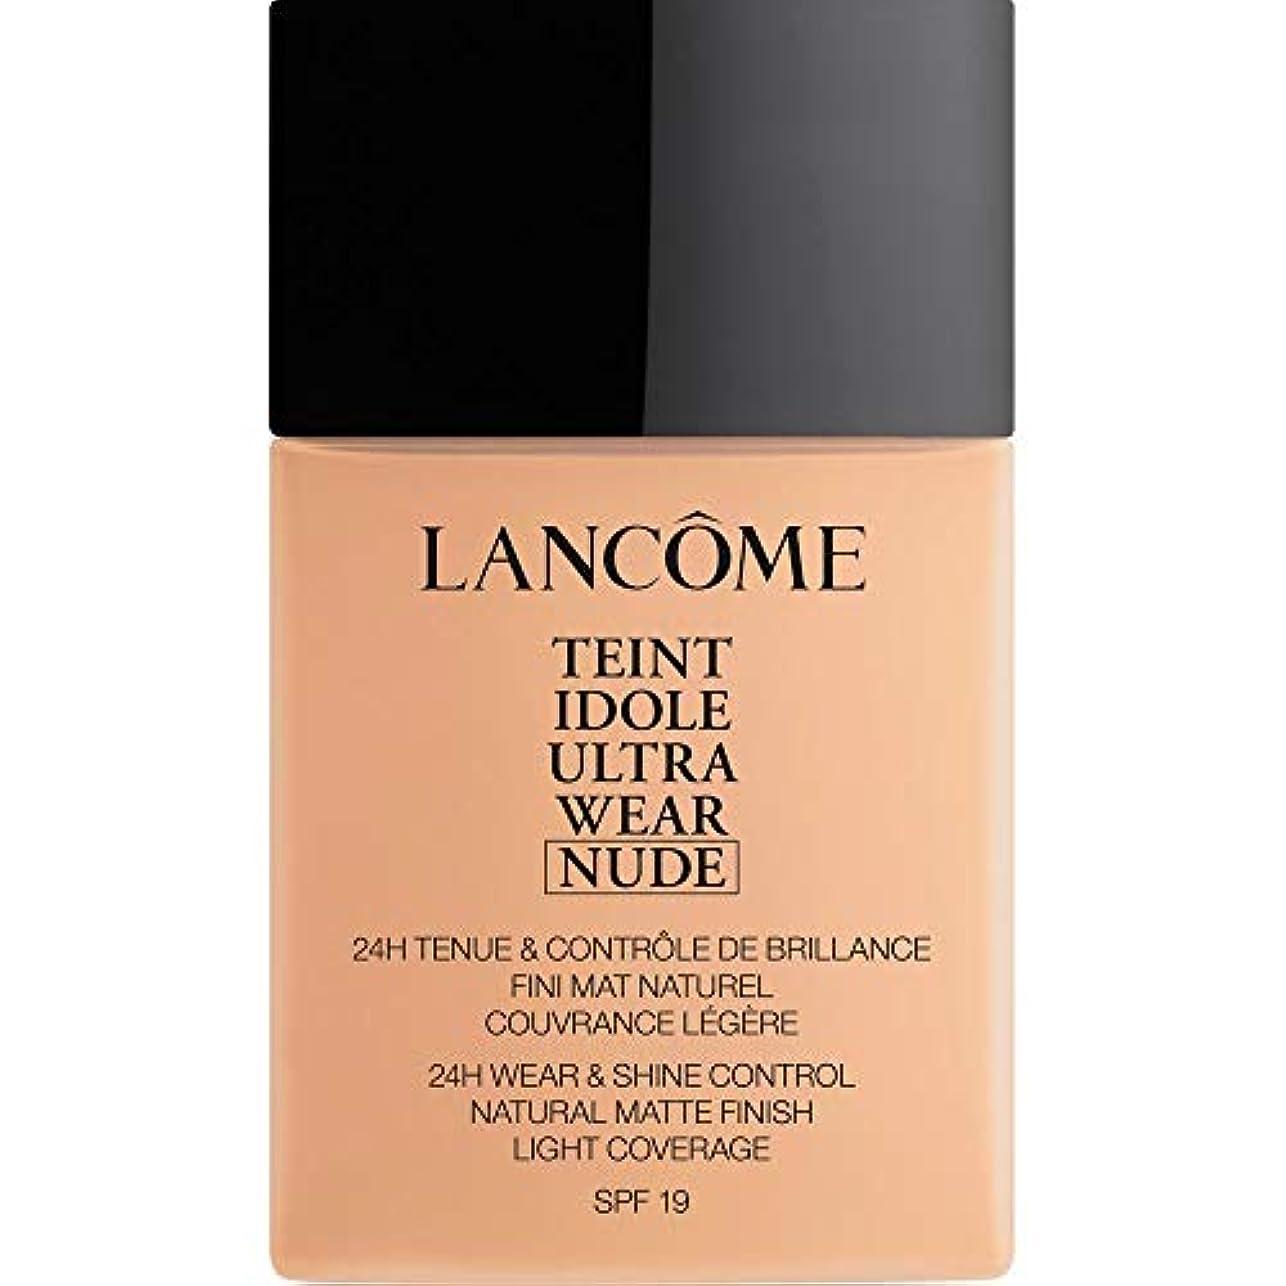 ブレーキ試してみるを通して[Lanc?me ] ランコムTeintのIdole超摩耗ヌード財団Spf19の40ミリリットル023 - ベージュオロール - Lancome Teint Idole Ultra Wear Nude Foundation...